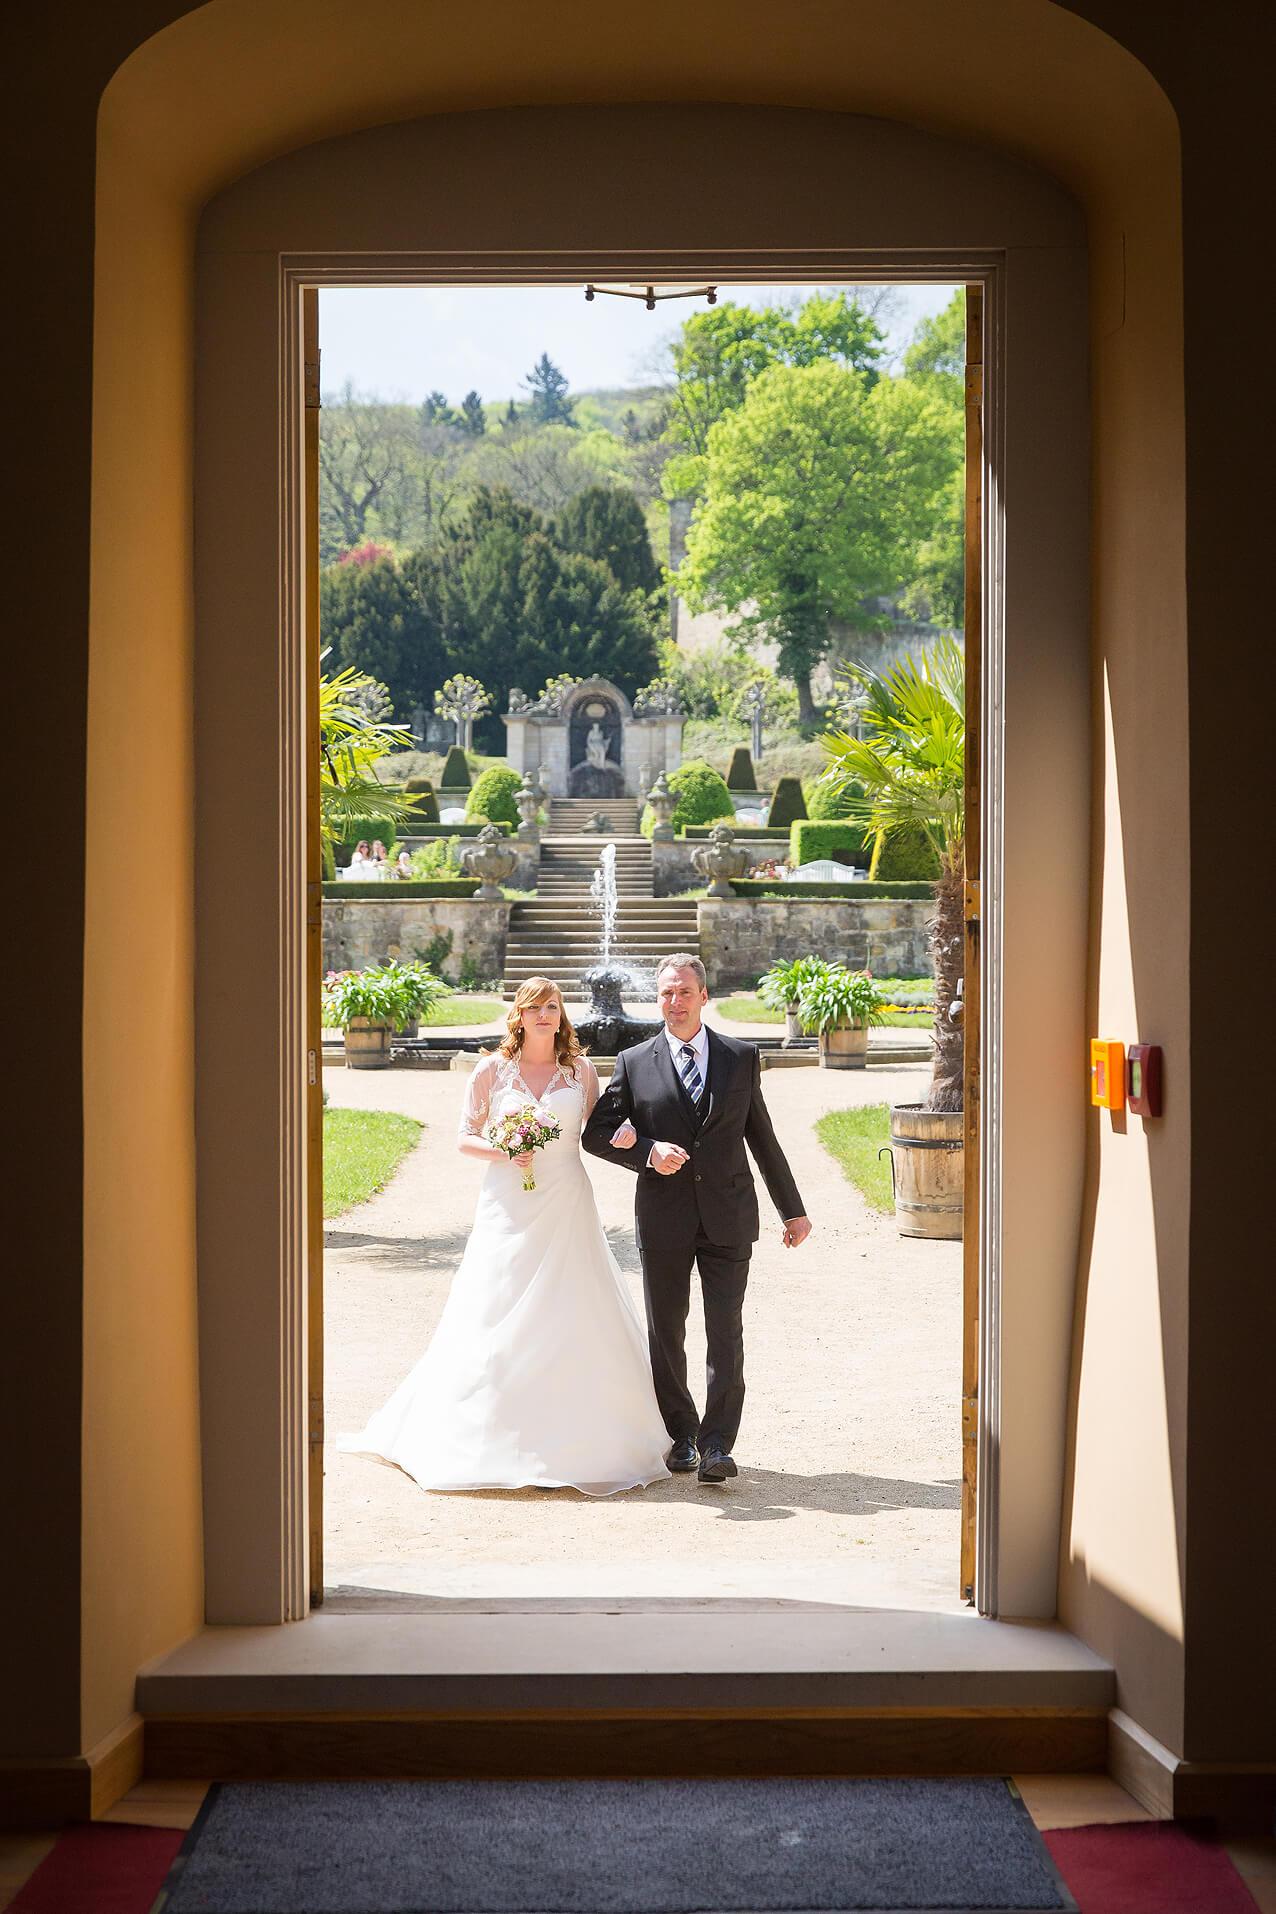 Der Brautvater begleitet seine Tochter zur Trauung im Schlosspark Blankenburg